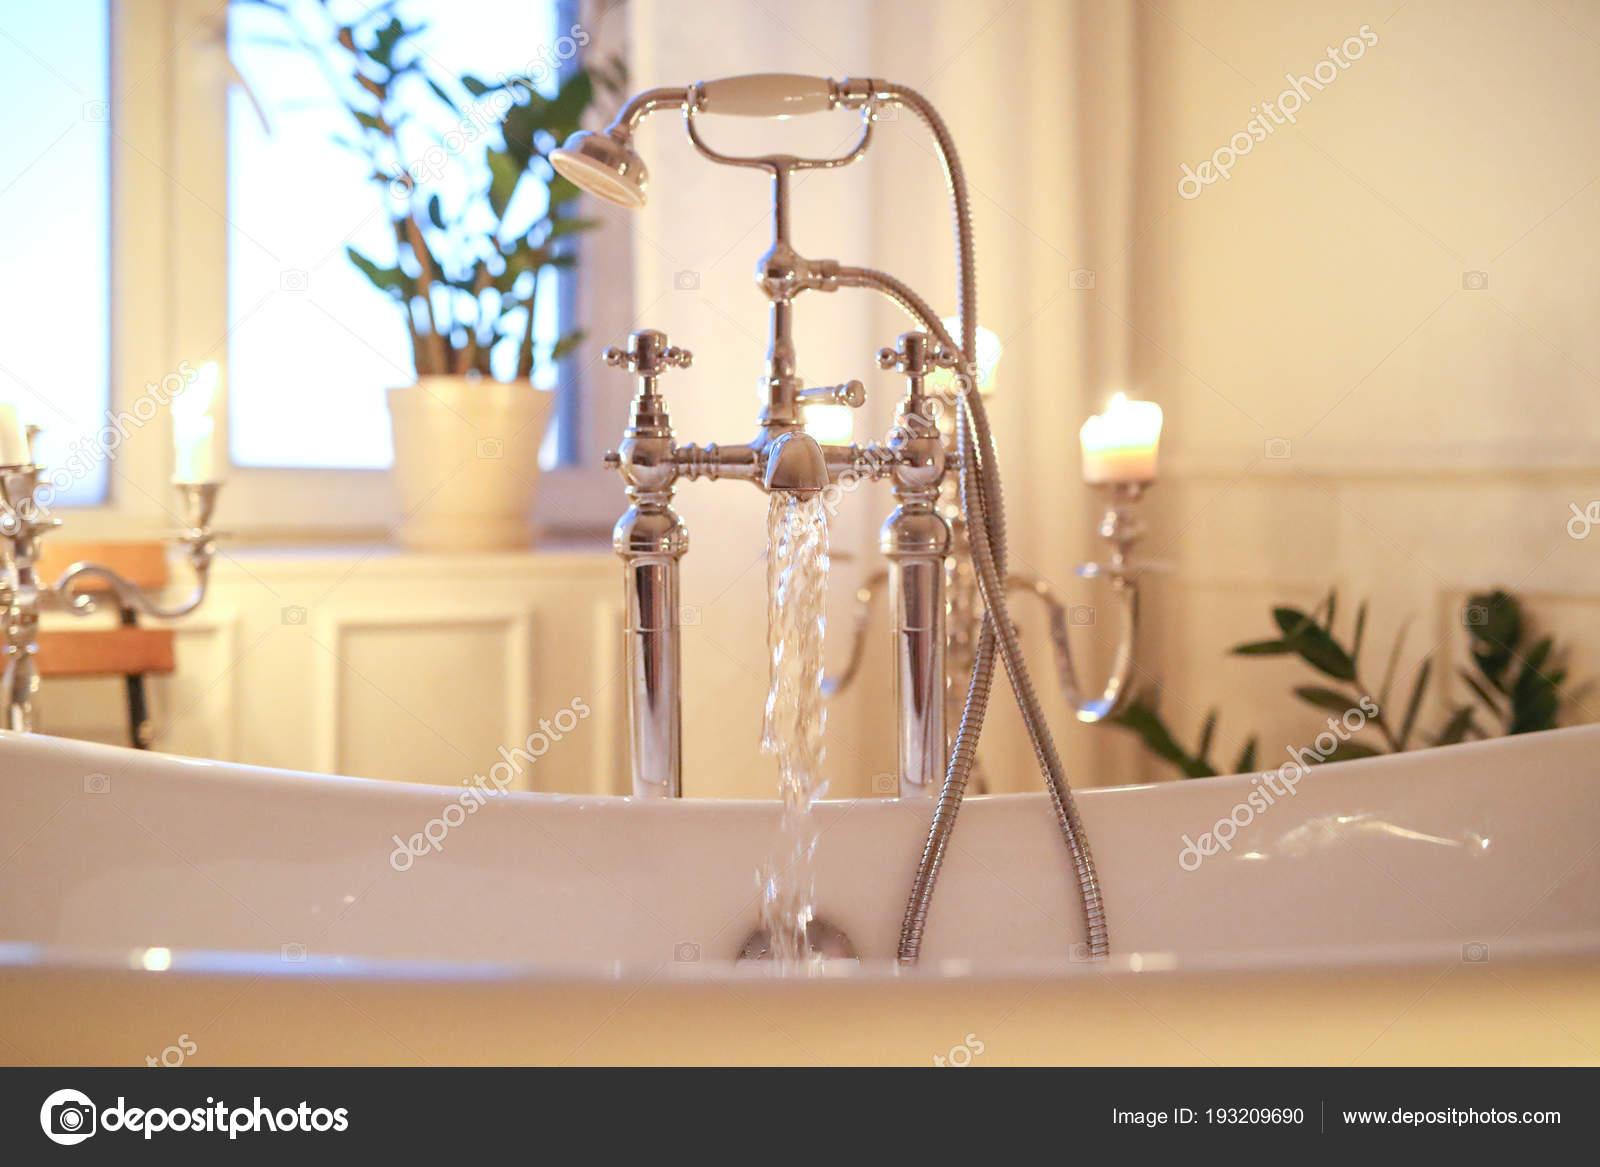 Vasca Da Bagno Romantica : Interno del bagno romantico con candele vasca bagno u foto stock